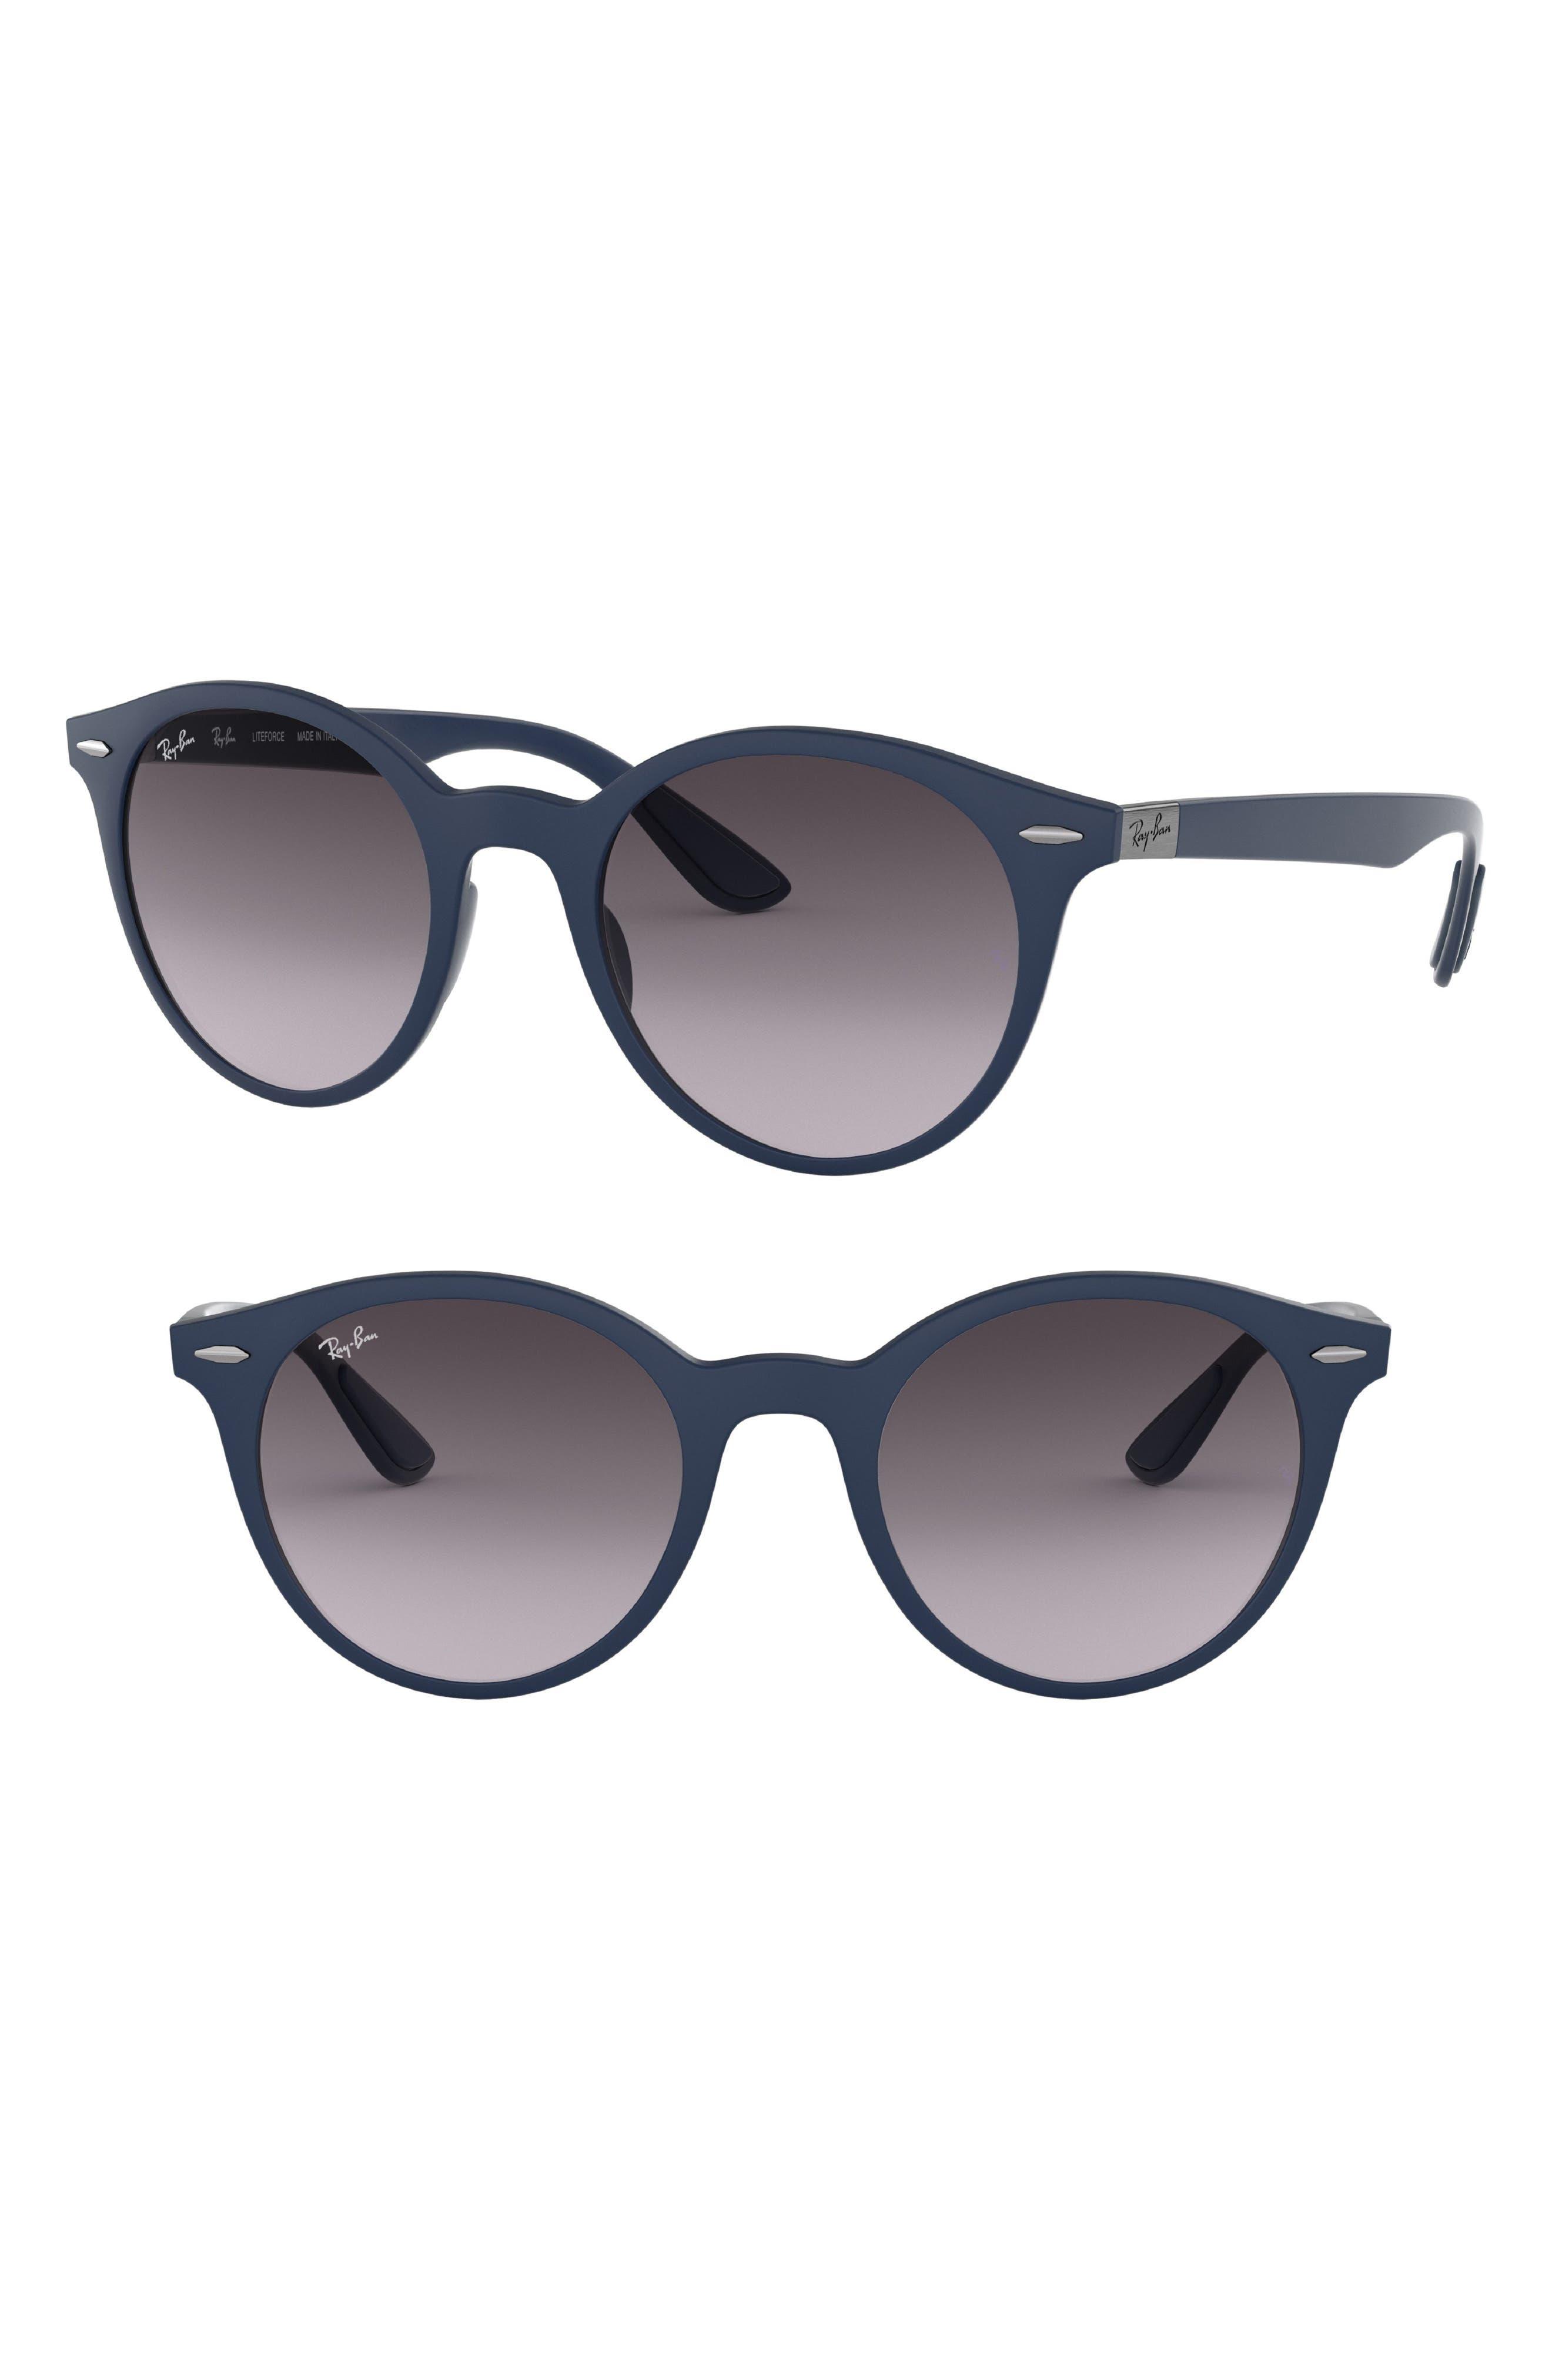 Phantos 50mm Sunglasses,                         Main,                         color, Matte Blue